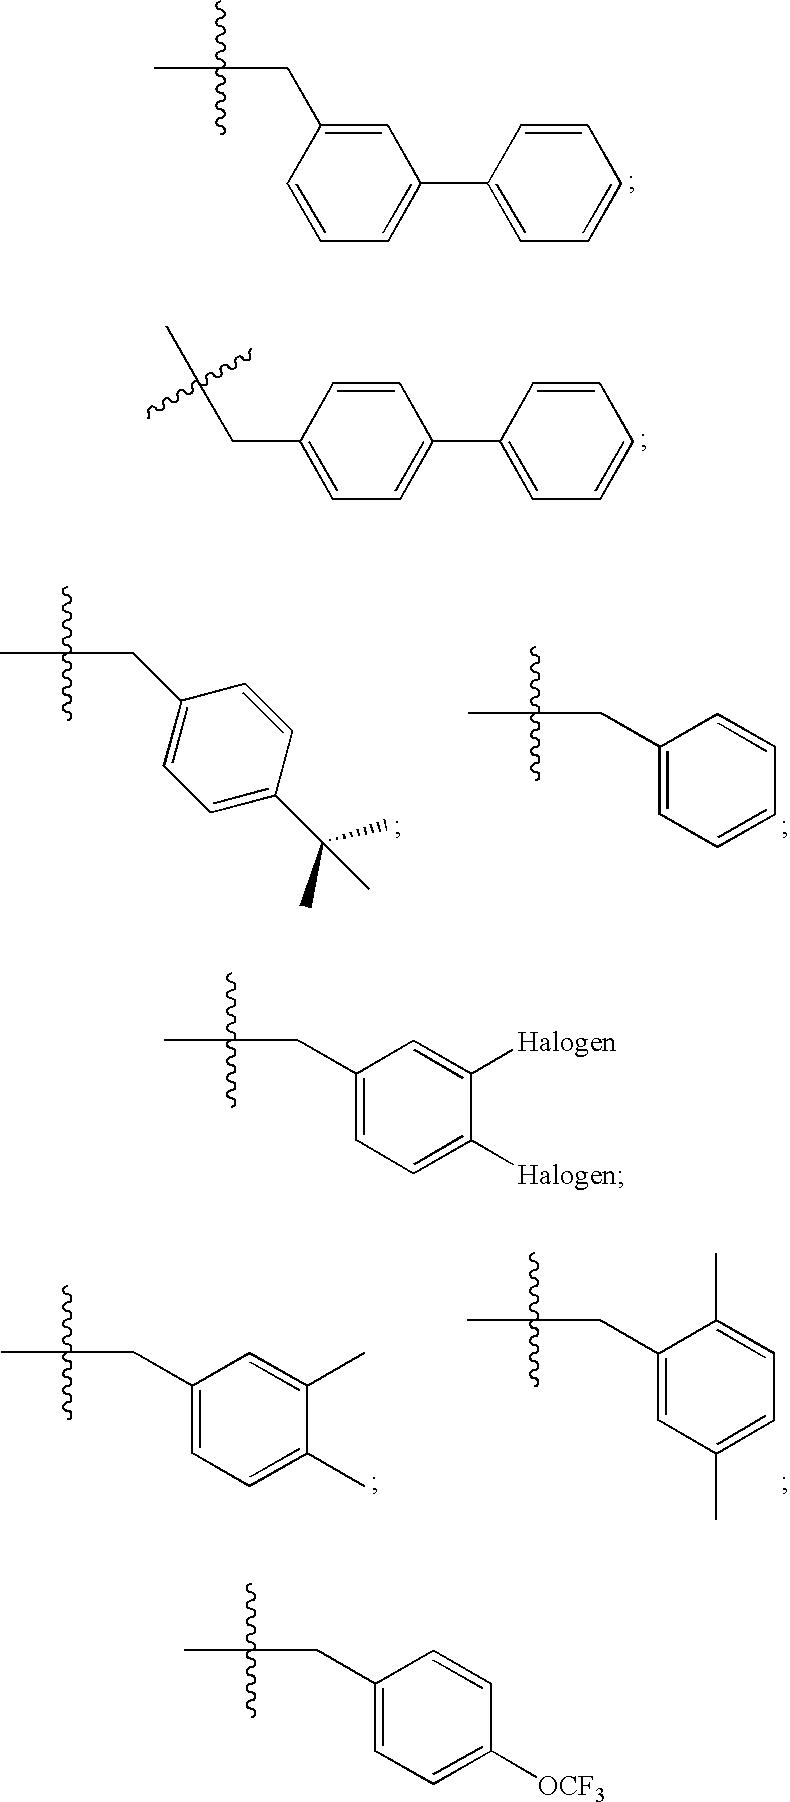 Figure US07683046-20100323-C00047